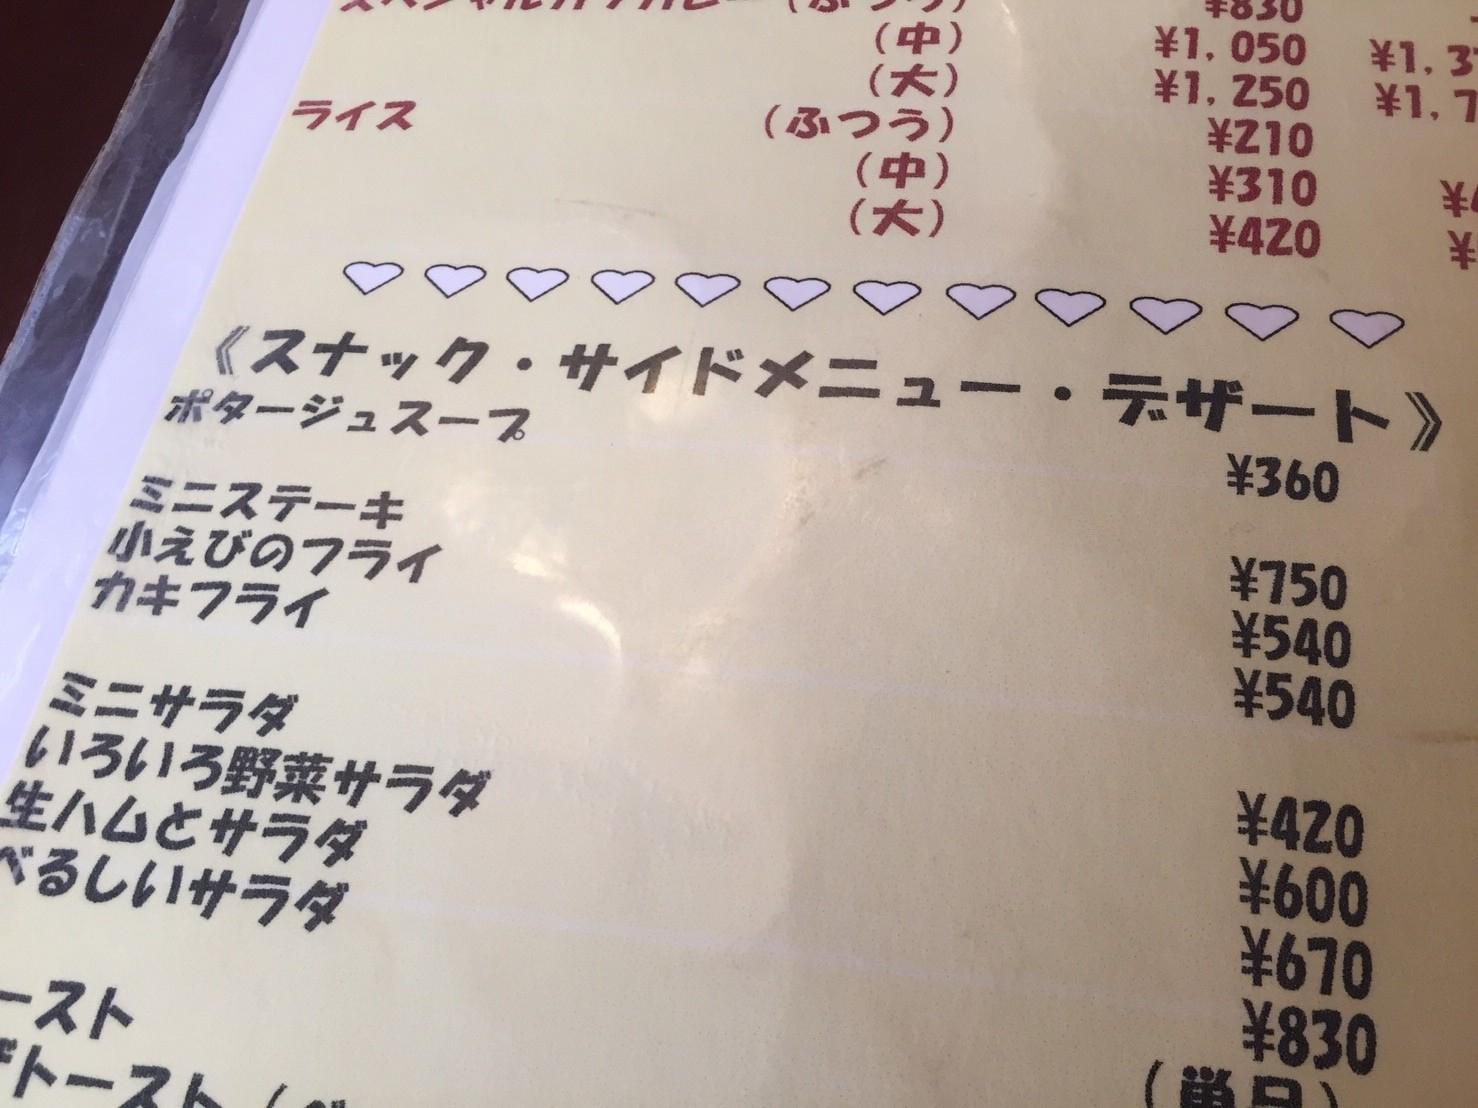 レストラン  べるしい  FINAL_e0115904_05023290.jpg